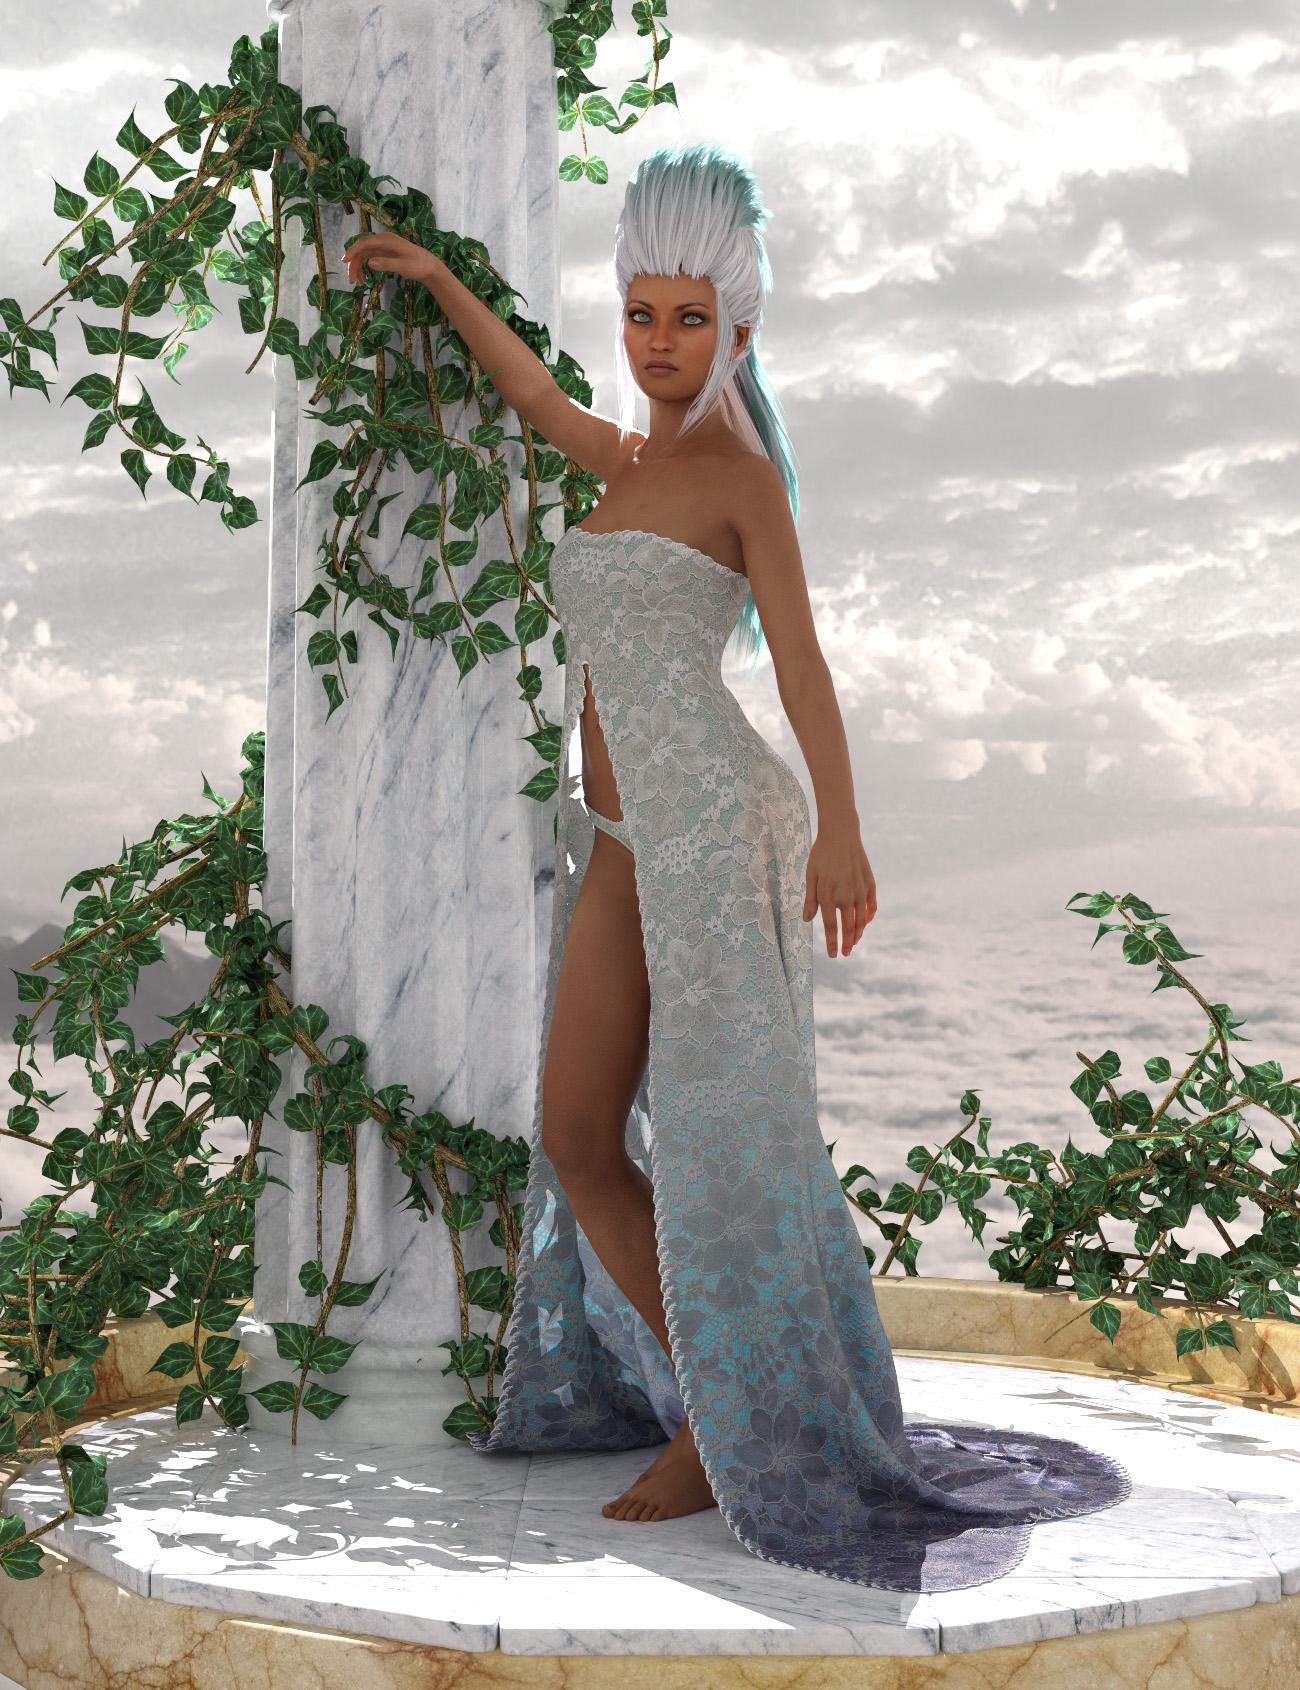 dForce Romantic Dress Outfit for Genesis 8 Female by: AmaranthPixelTizzyFit, 3D Models by Daz 3D